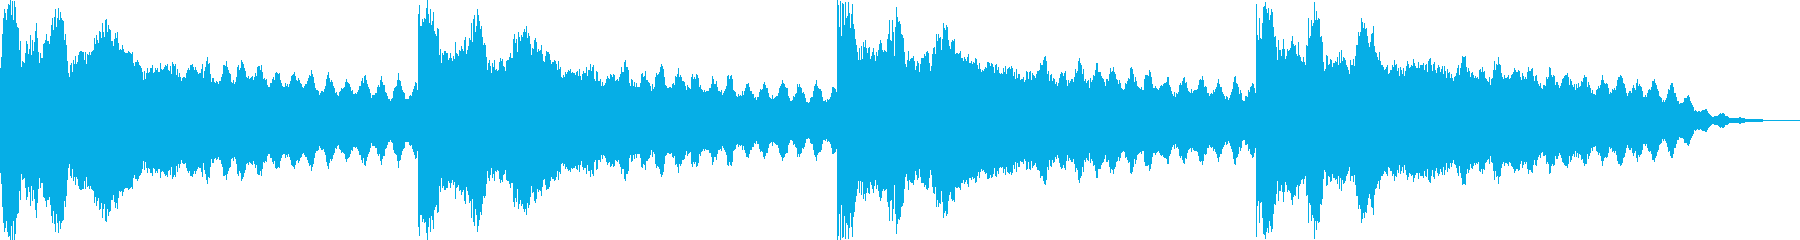 スペーススキャナーまたはレーダーヘ...の再生済みの波形